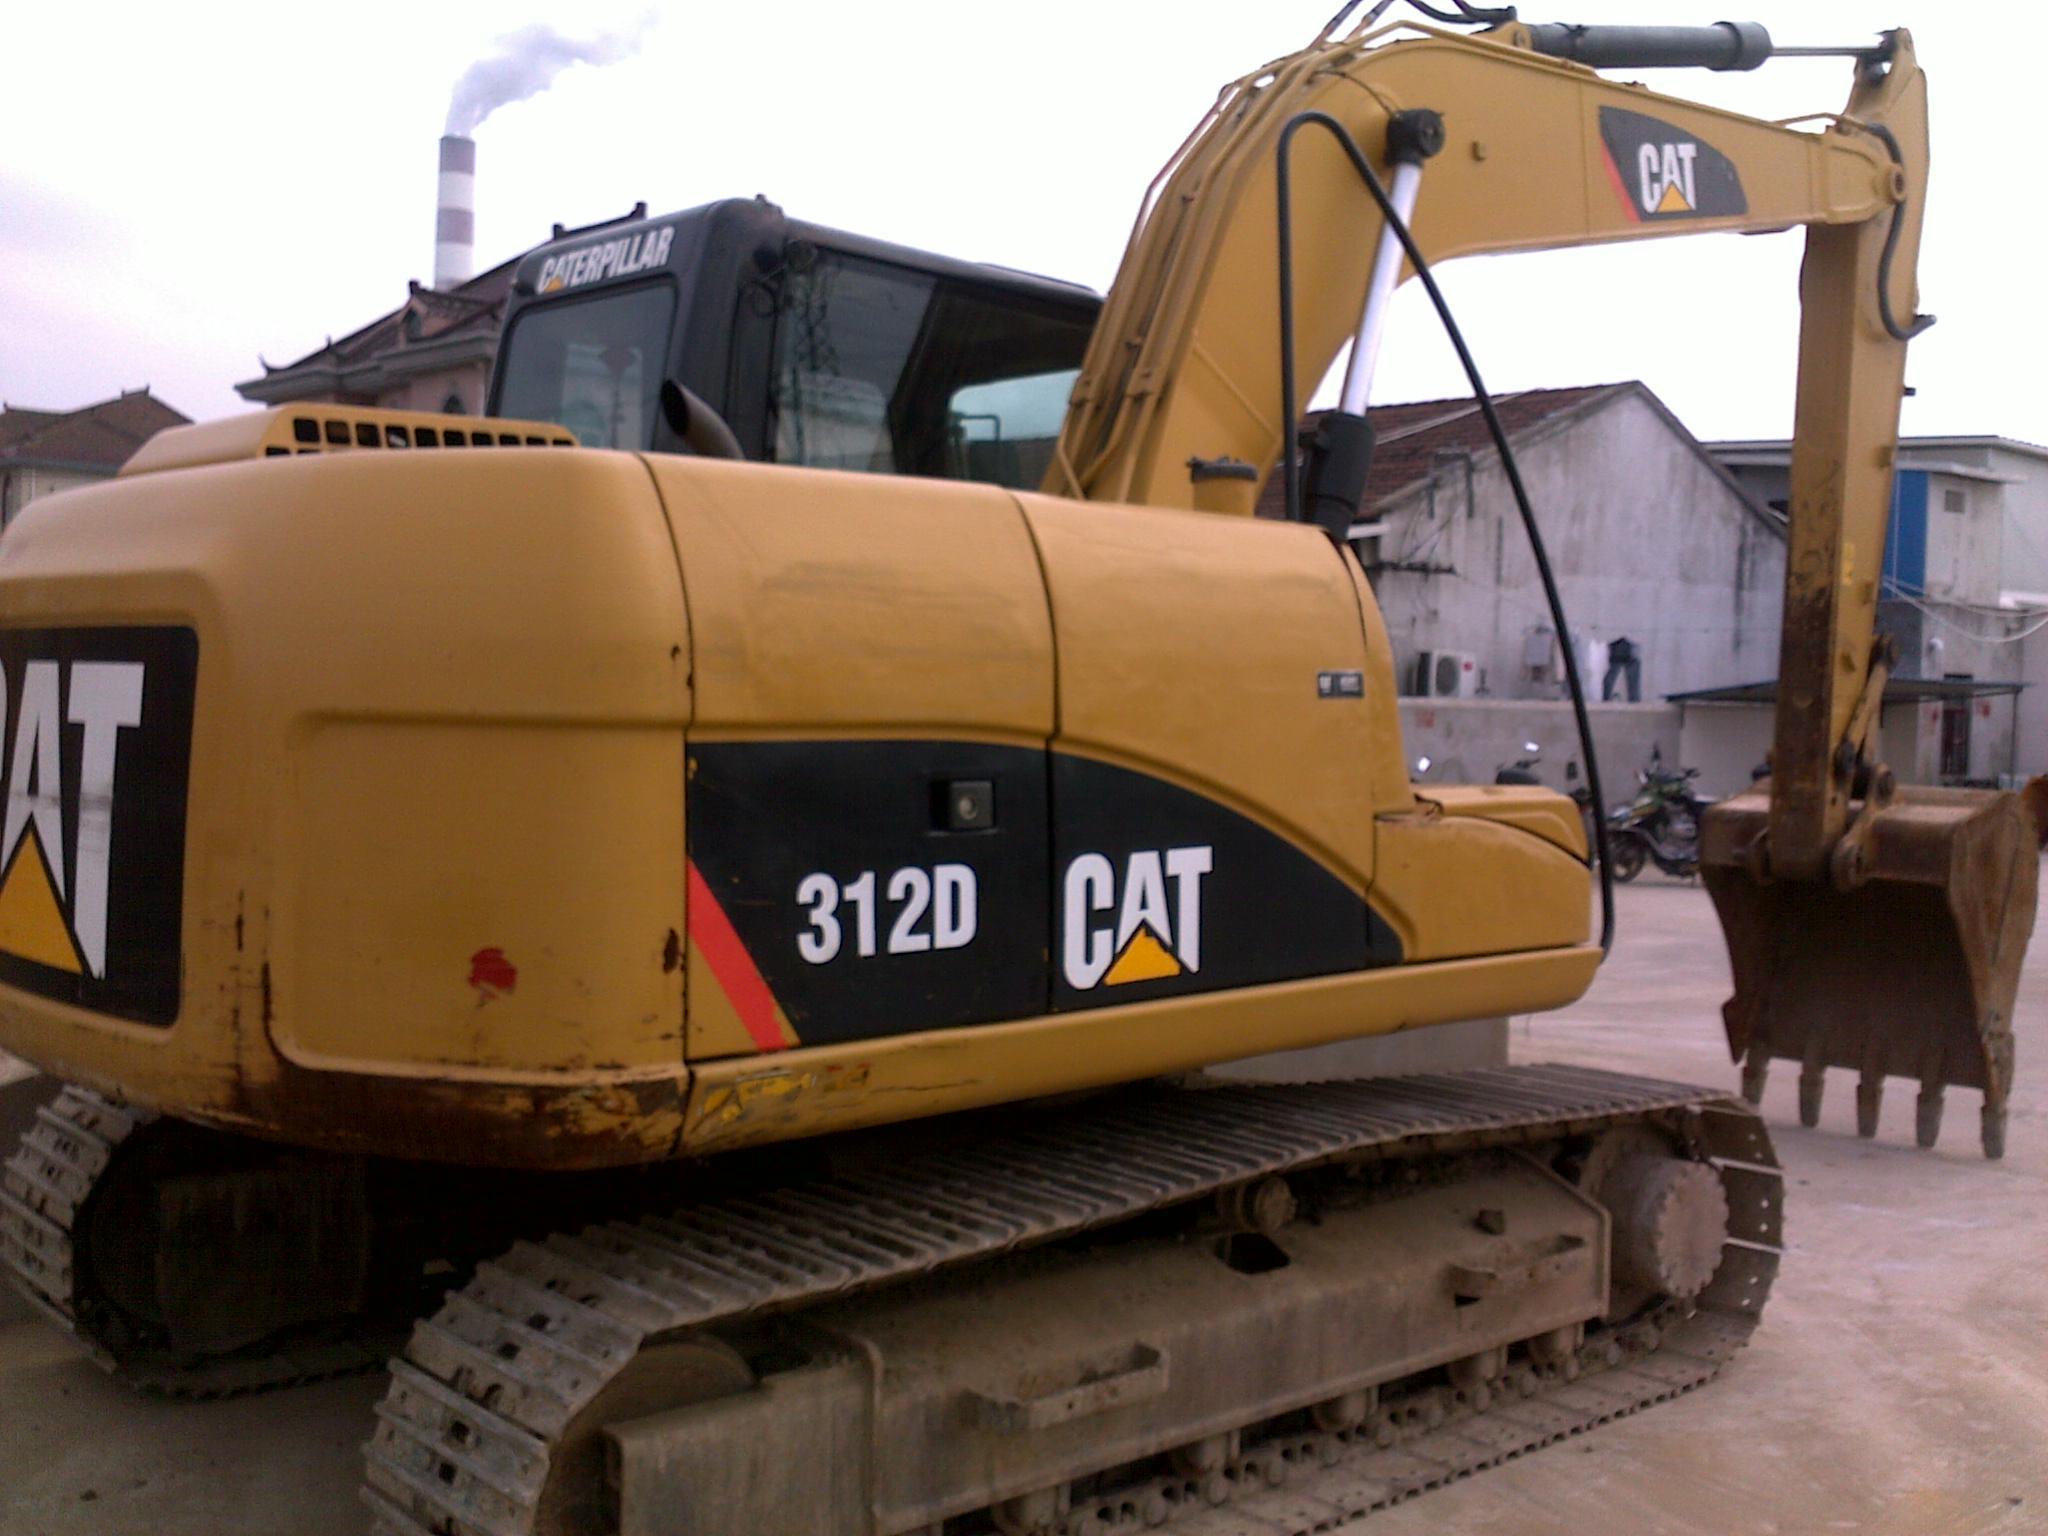 出售卡特312D二手挖掘机,卡特312D二手挖掘机